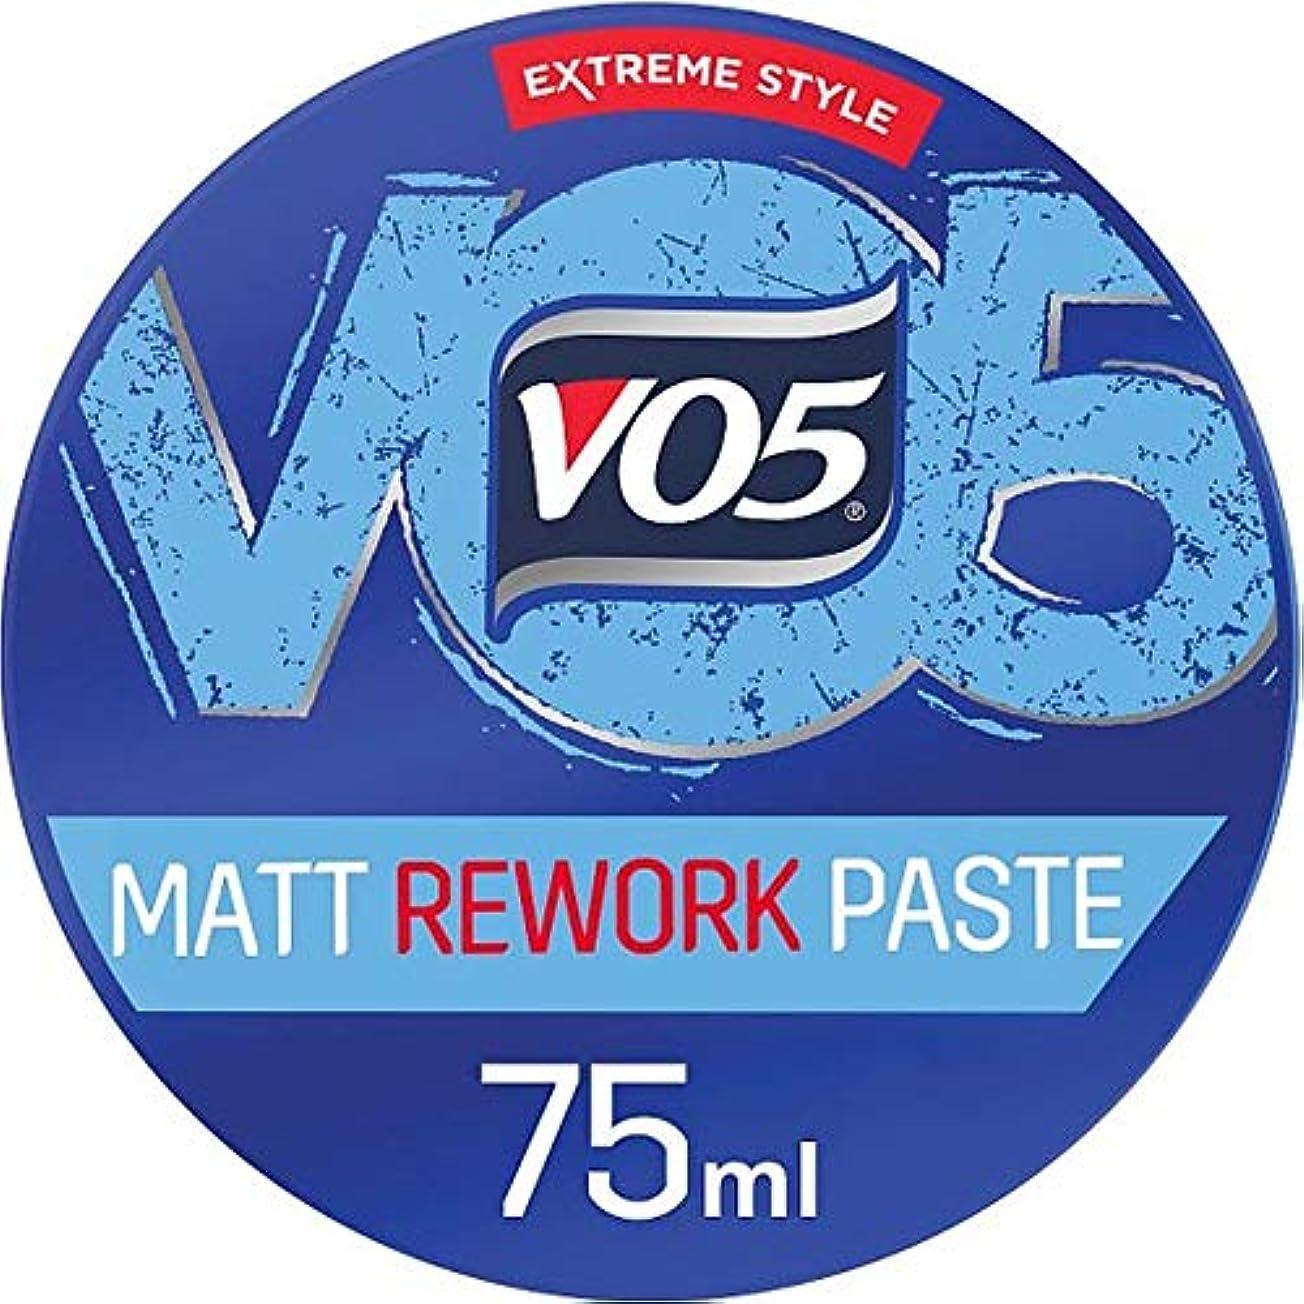 初期のほんのハロウィン[Vo5] Vo5極端なスタイルマットリワークペースト75ミリリットル - Vo5 Extreme Style Matte Rework Paste 75Ml [並行輸入品]